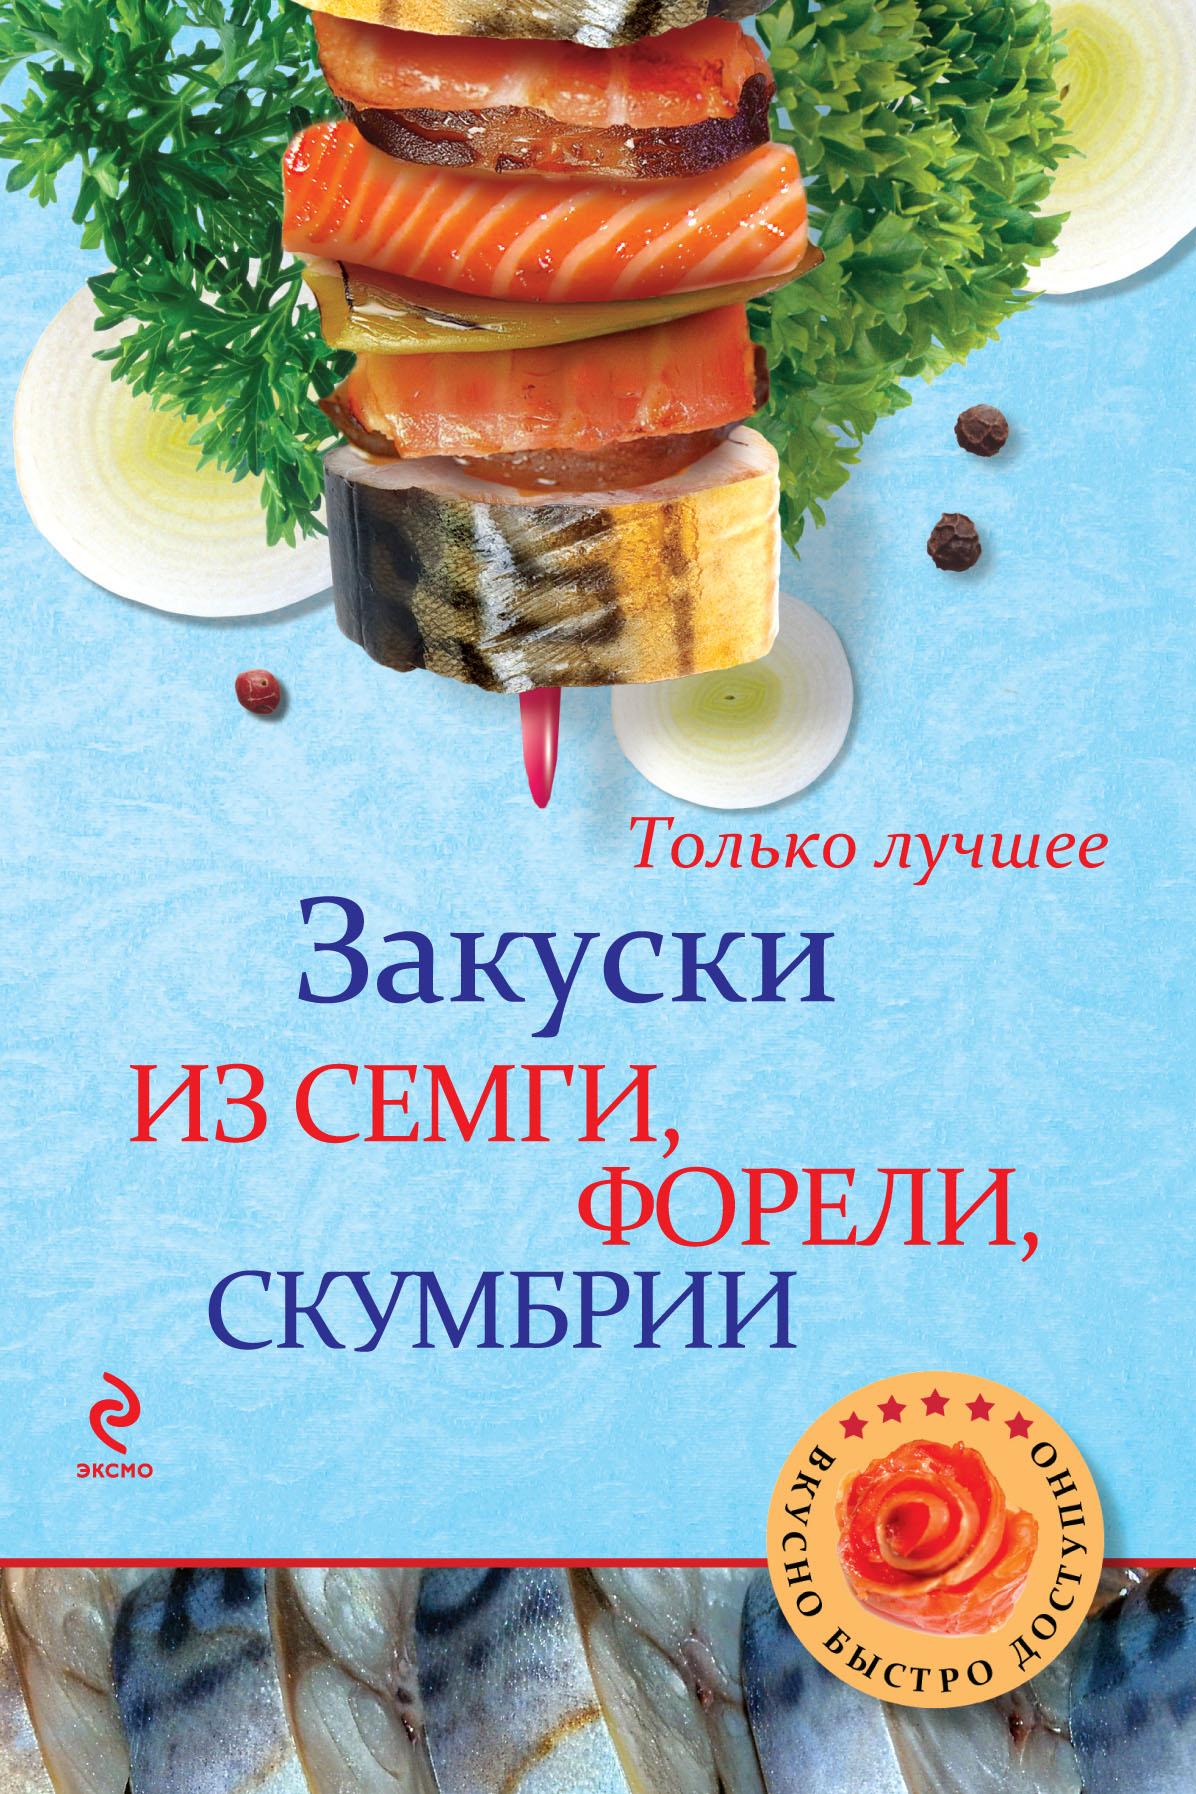 Отсутствует Закуски из семги, форели, скумбрии радин а закуски из семги форели скумбрии самые вкусные рецепты